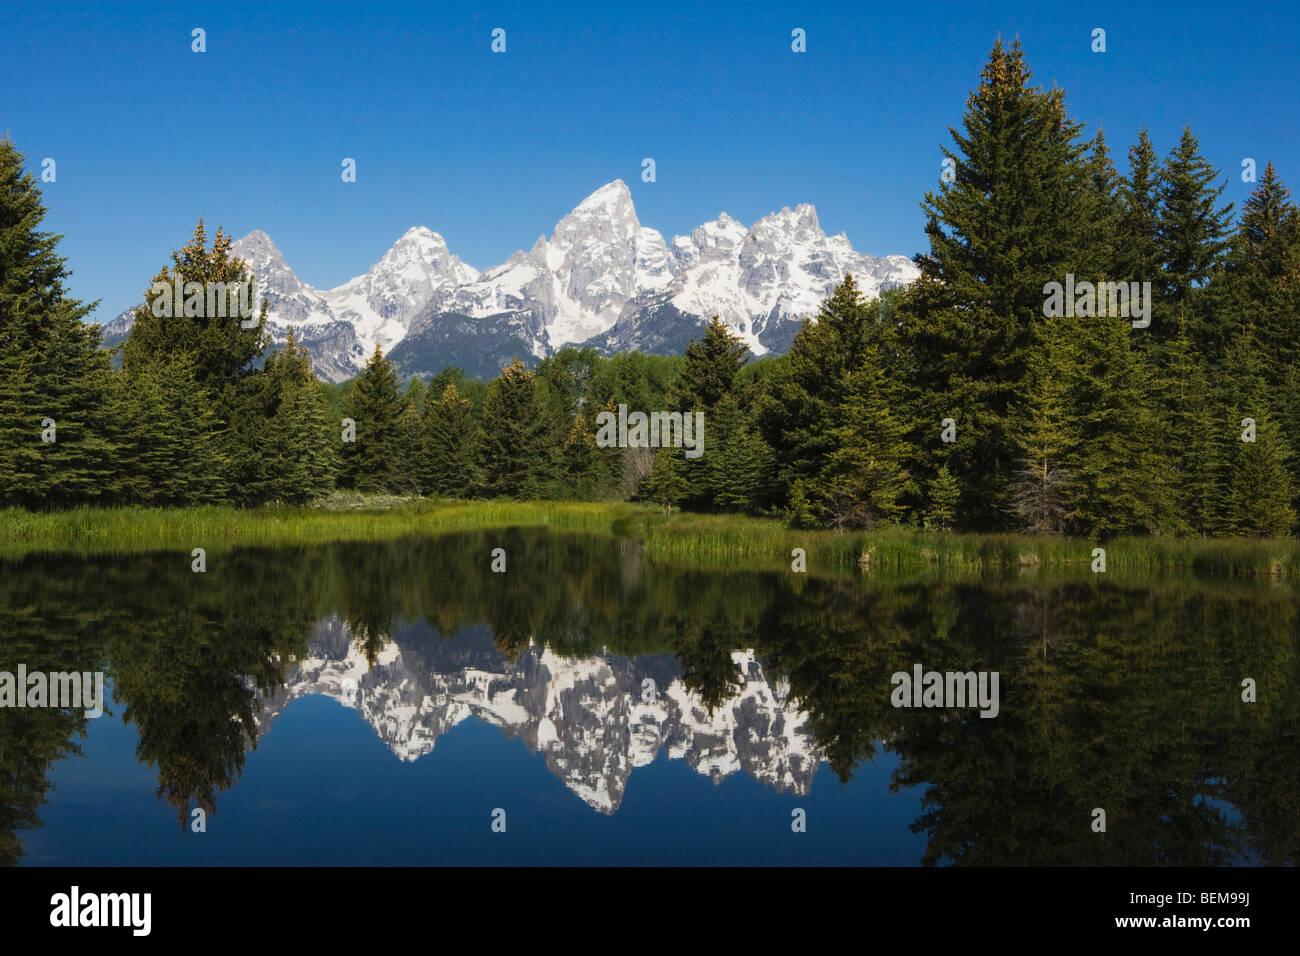 Tetons Reflecting in pond, Schwabacher Landing, Grand Teton NP,Wyoming, USA - Stock Image